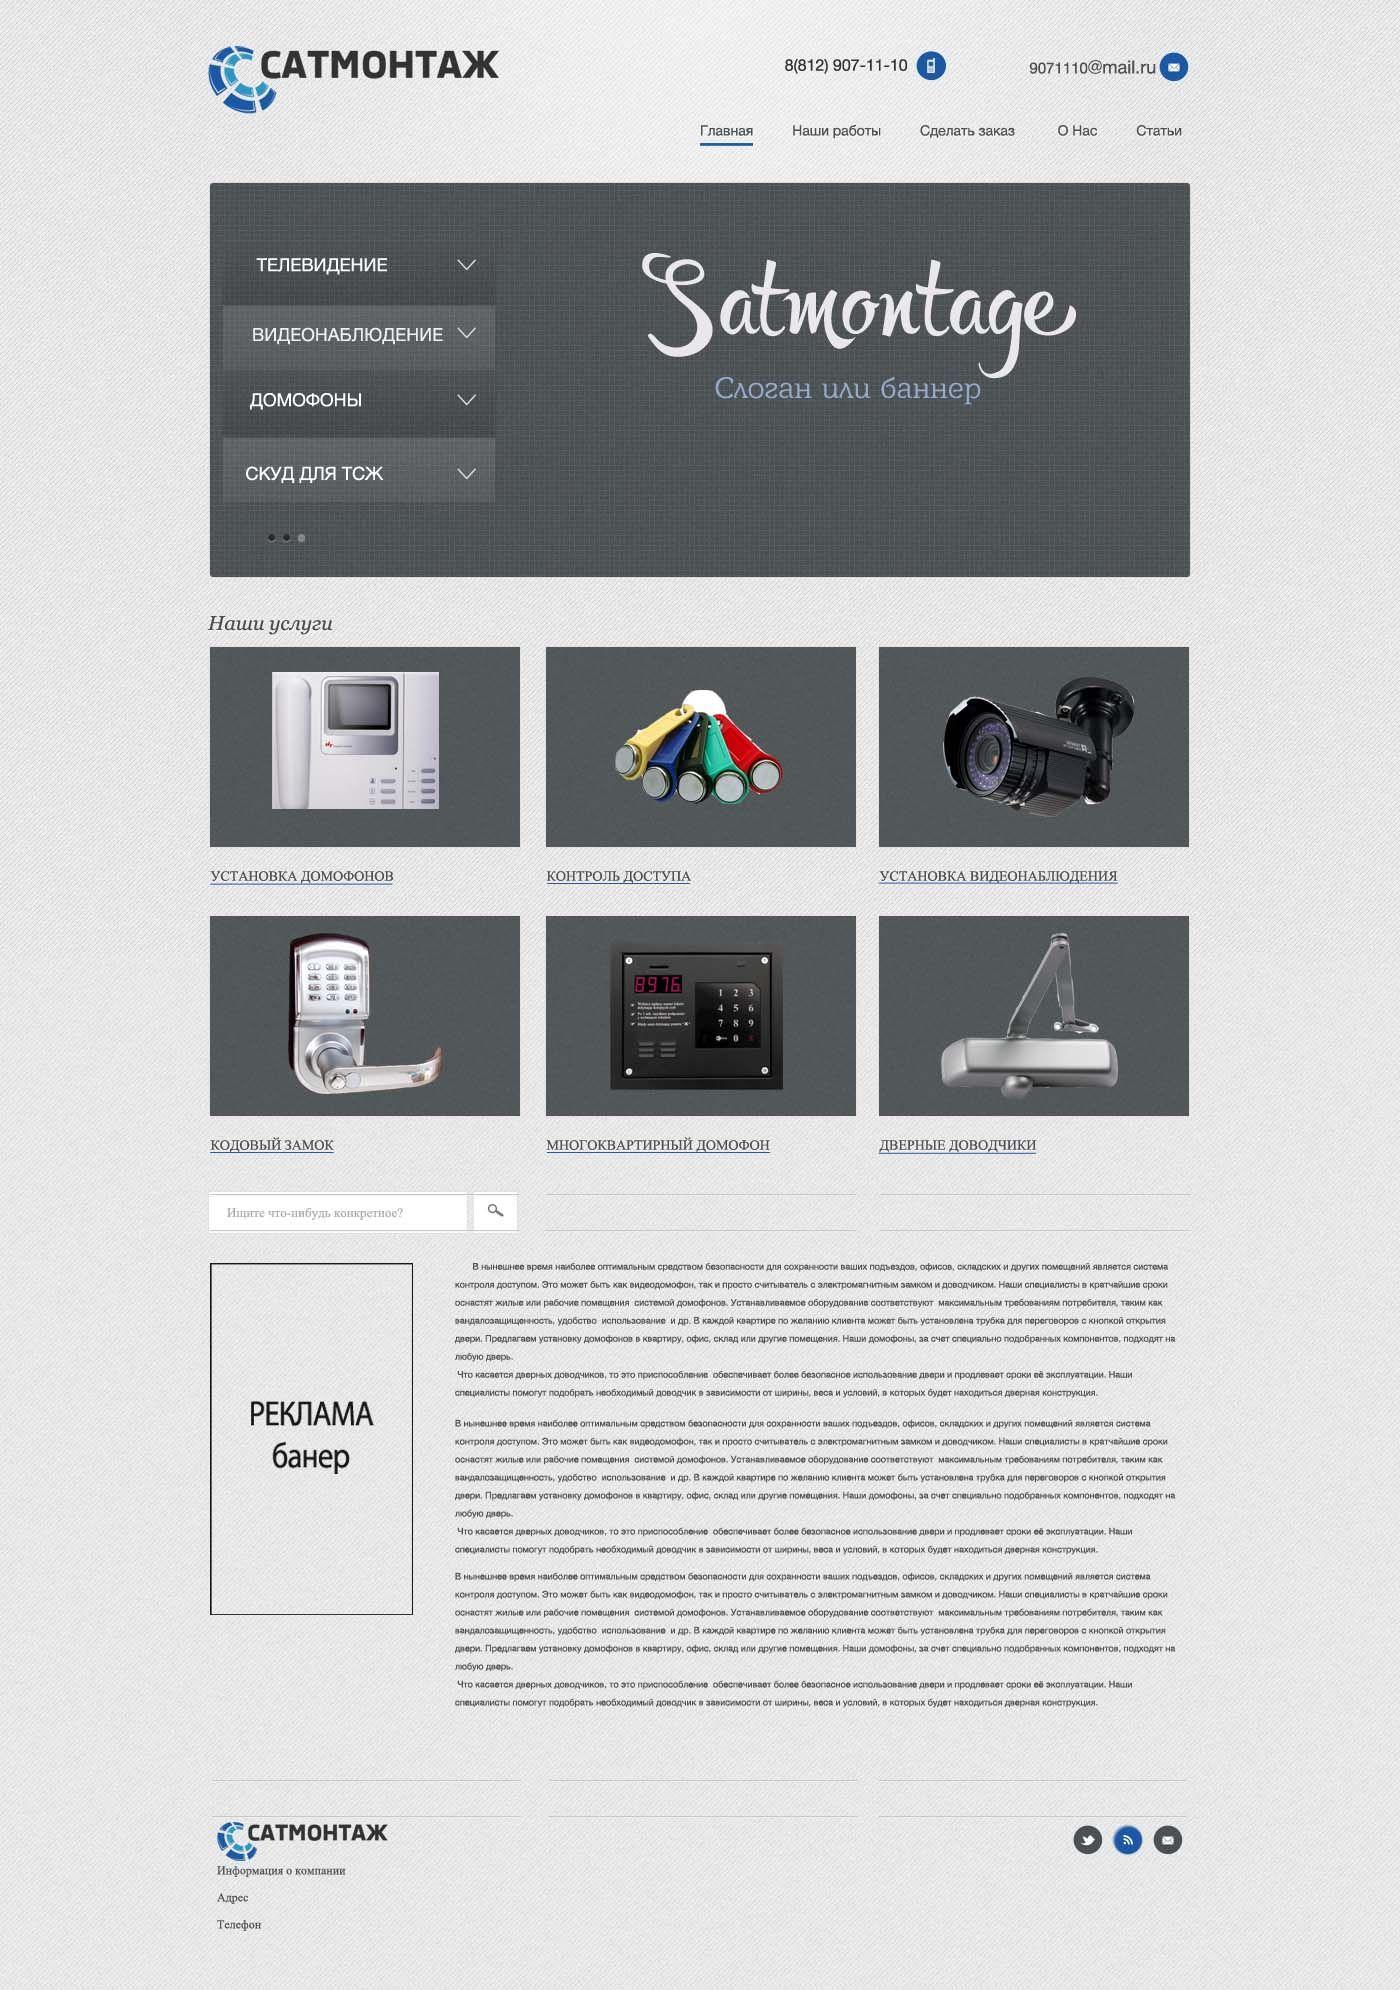 Дизайн (редизайн) существующего сайта - дизайнер Fashzaza